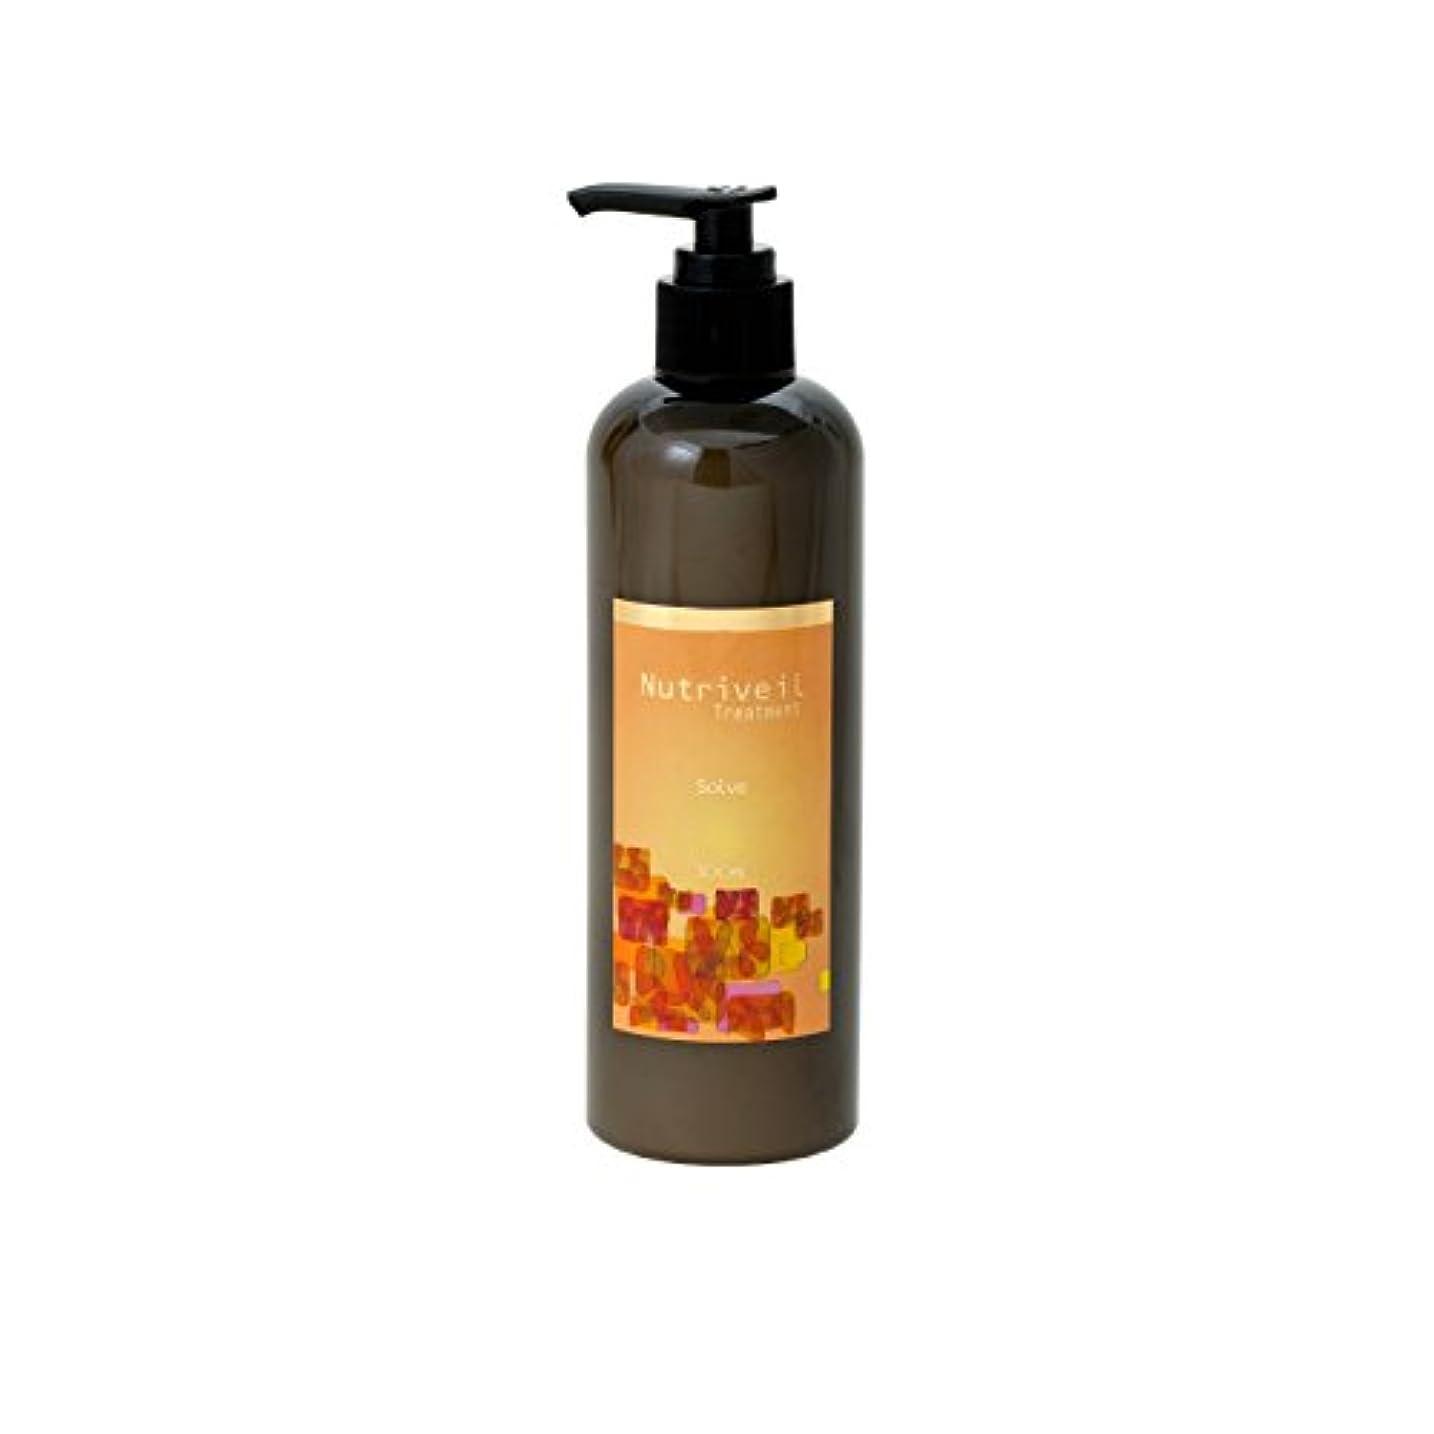 負担抵抗便宜縮毛矯正した髪?カラーの繰り返しで大きくダメージした髪用トリートメント「栄養そのもので洗うsolve」ソルブトリートメント ニュートリヴェール (300ml)